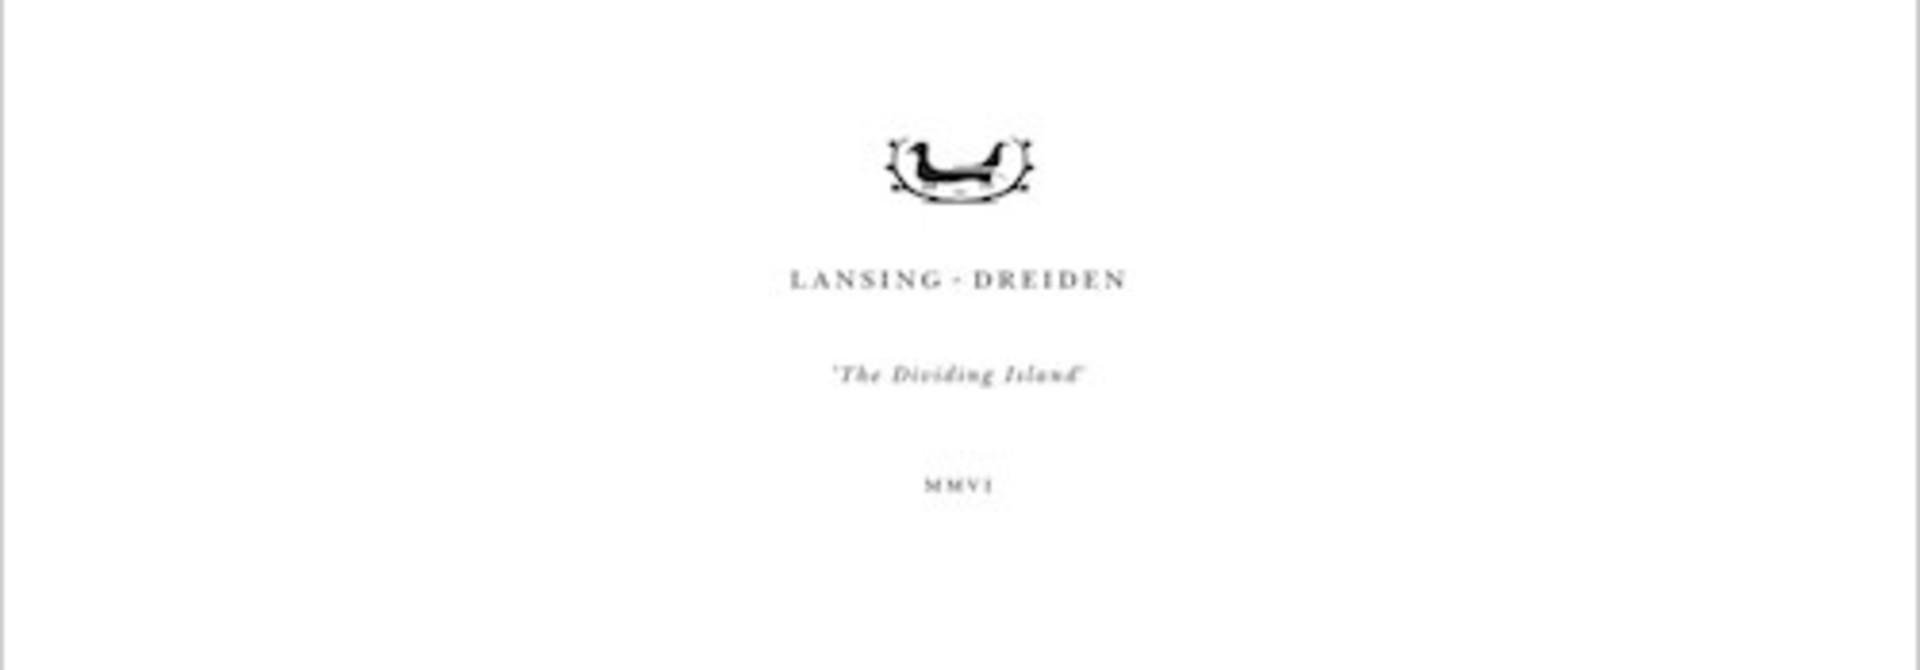 Lansing-Dreiden • The Dividing Island